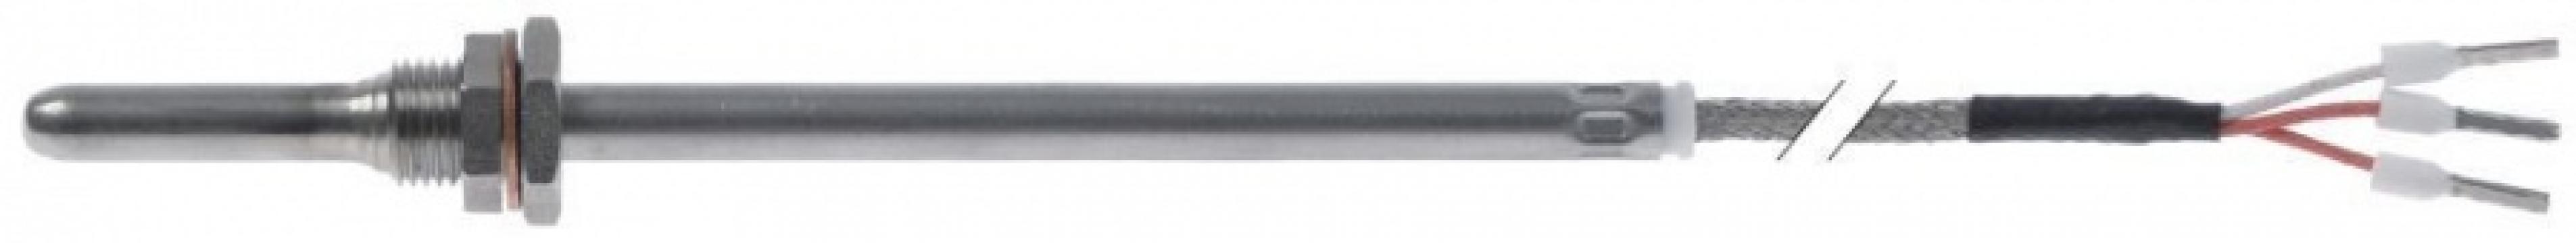 Sonda temperatura Pt100 cablu silicon, 402154